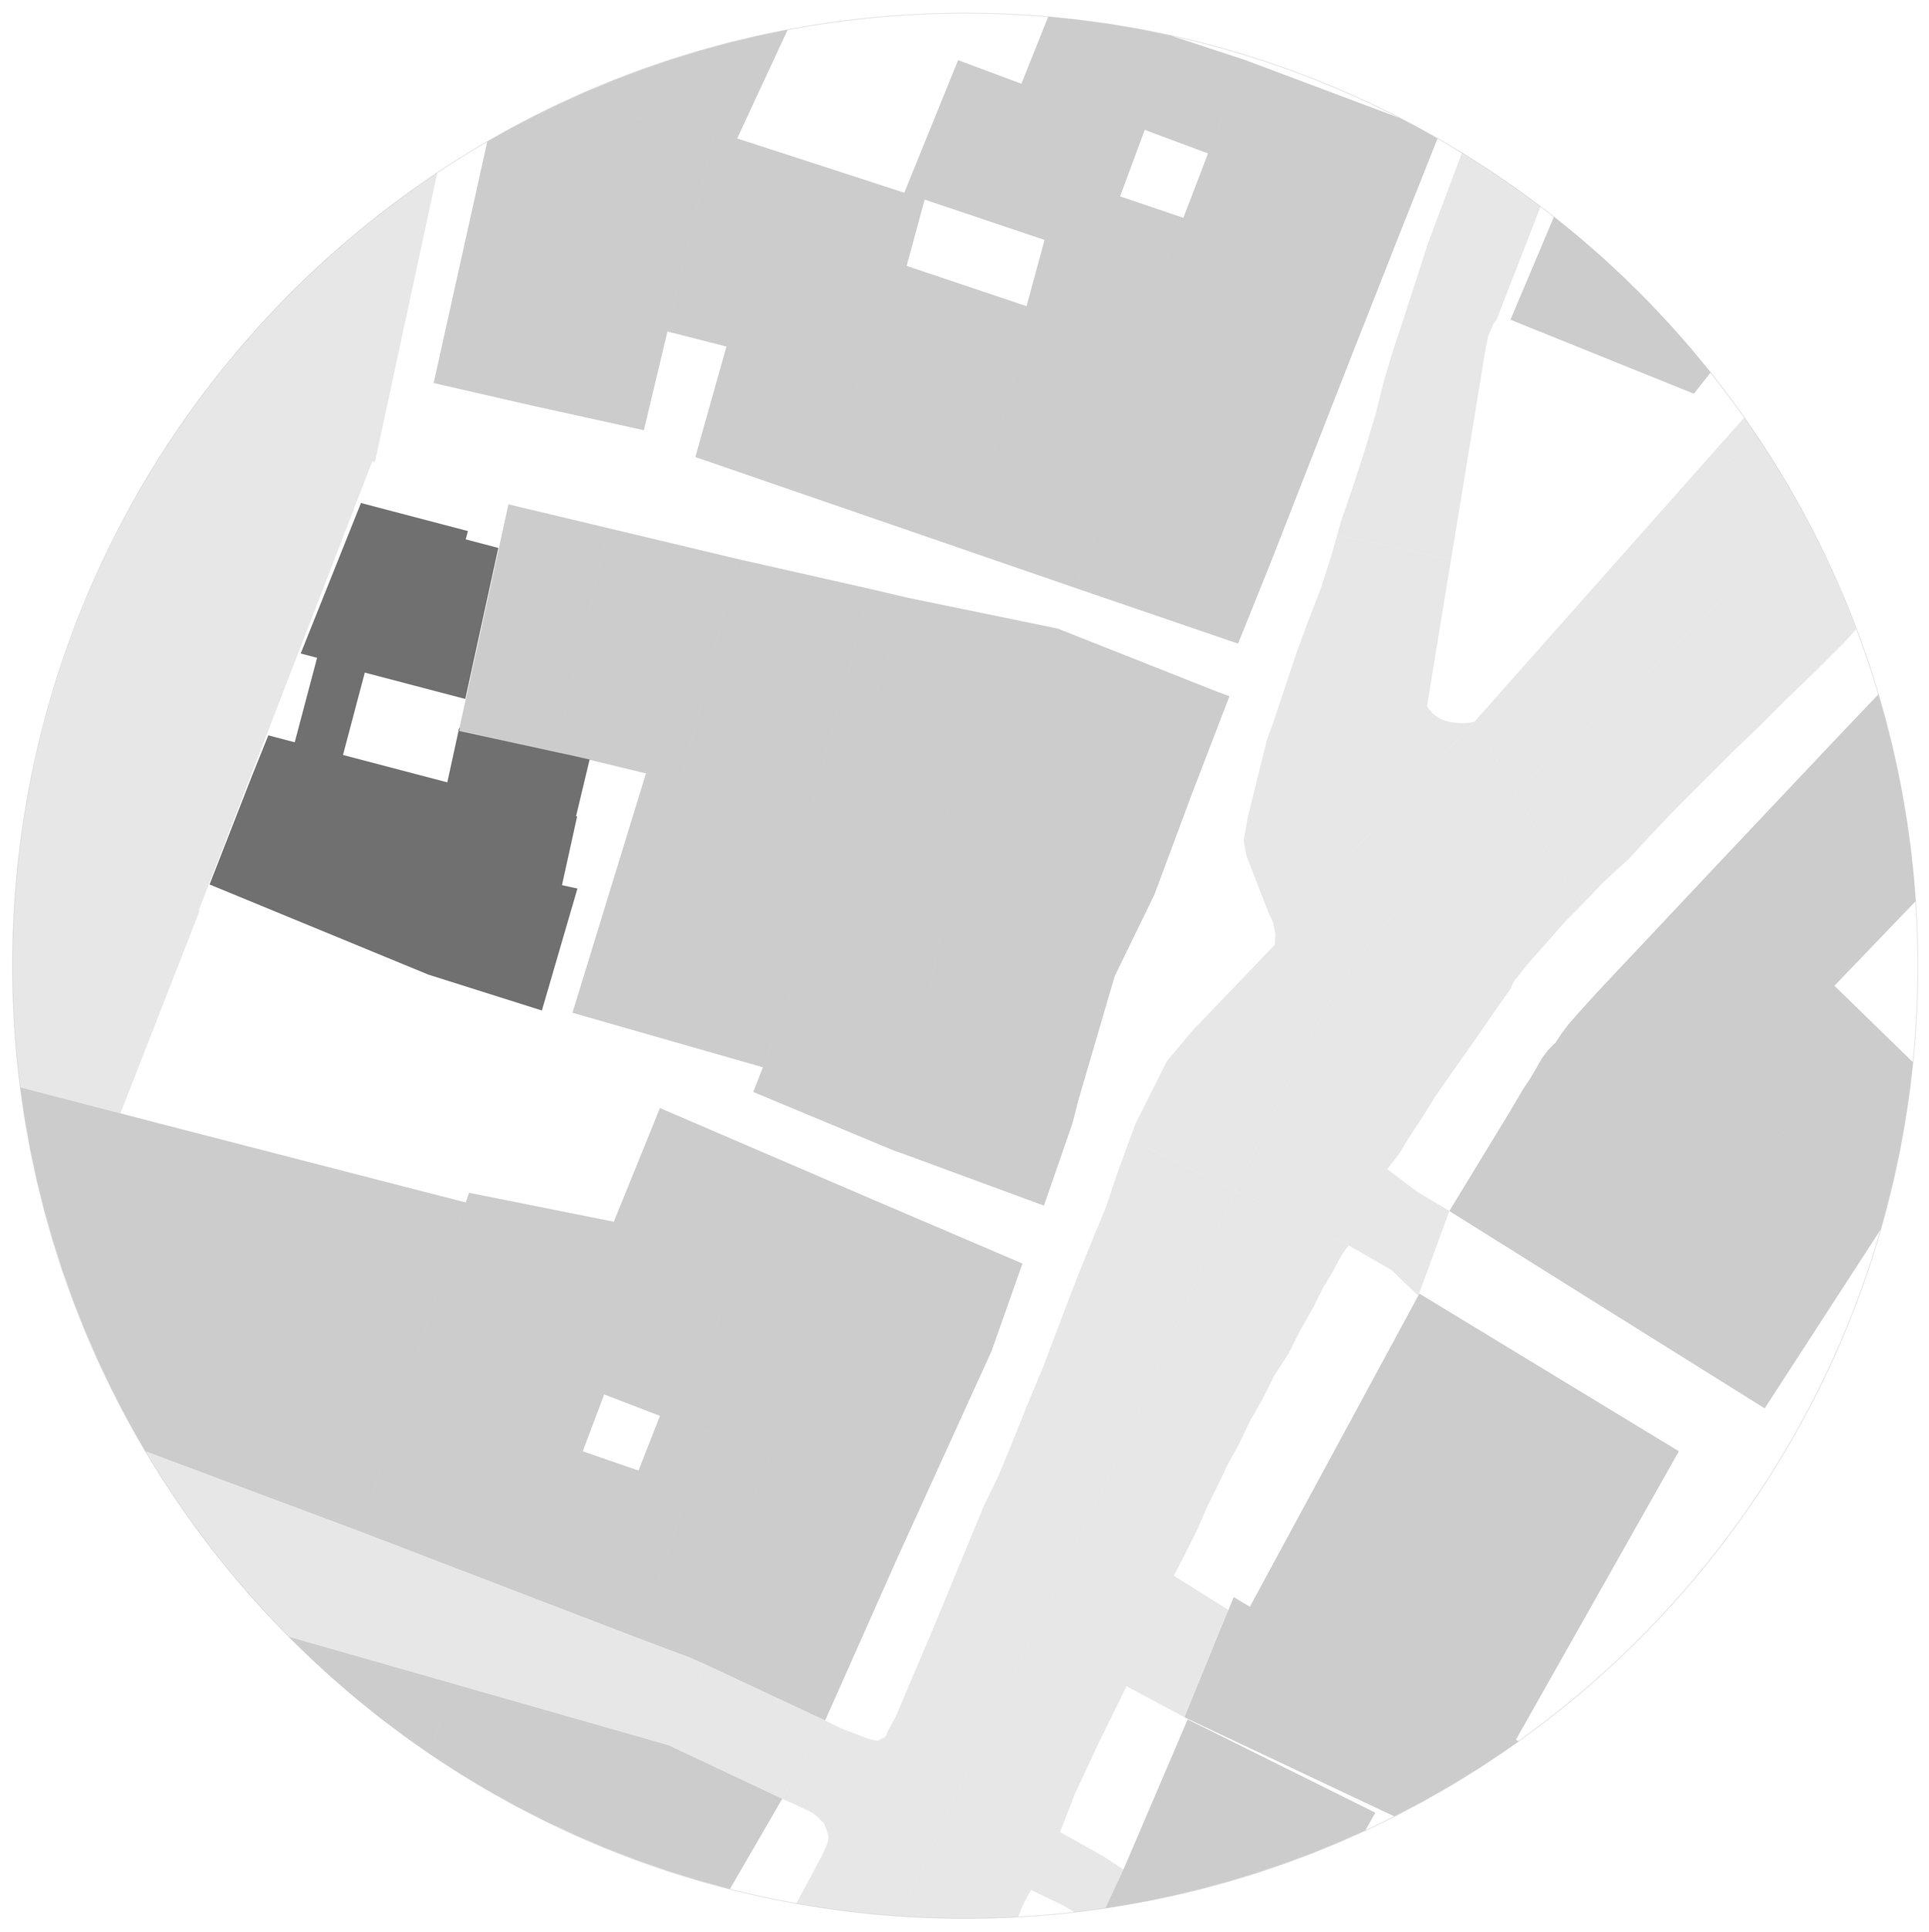 1426_calverts_locationplan.jpg